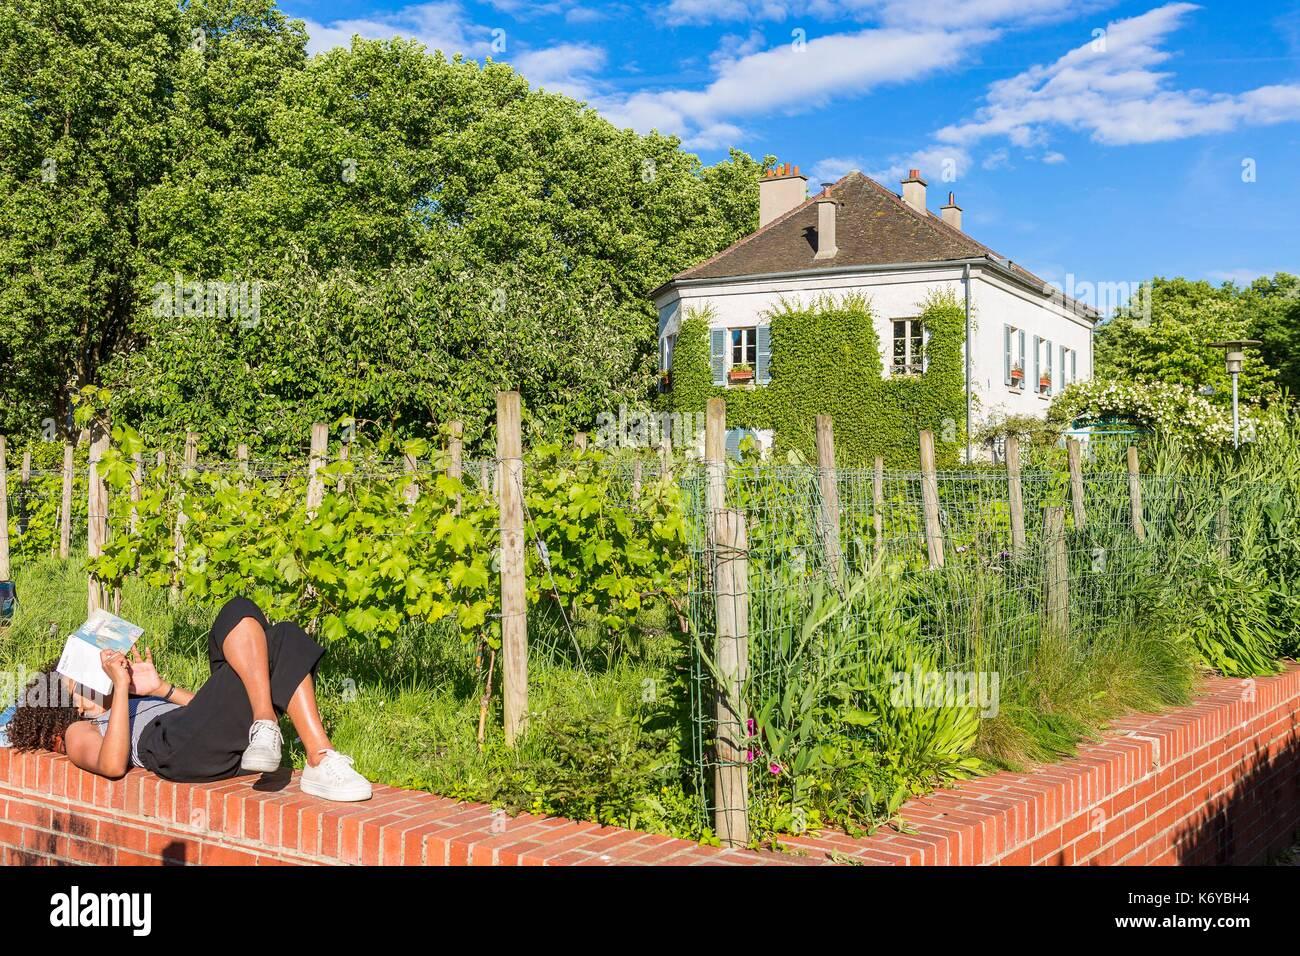 France, Paris, the Parc de Bercy, vines - Stock Image